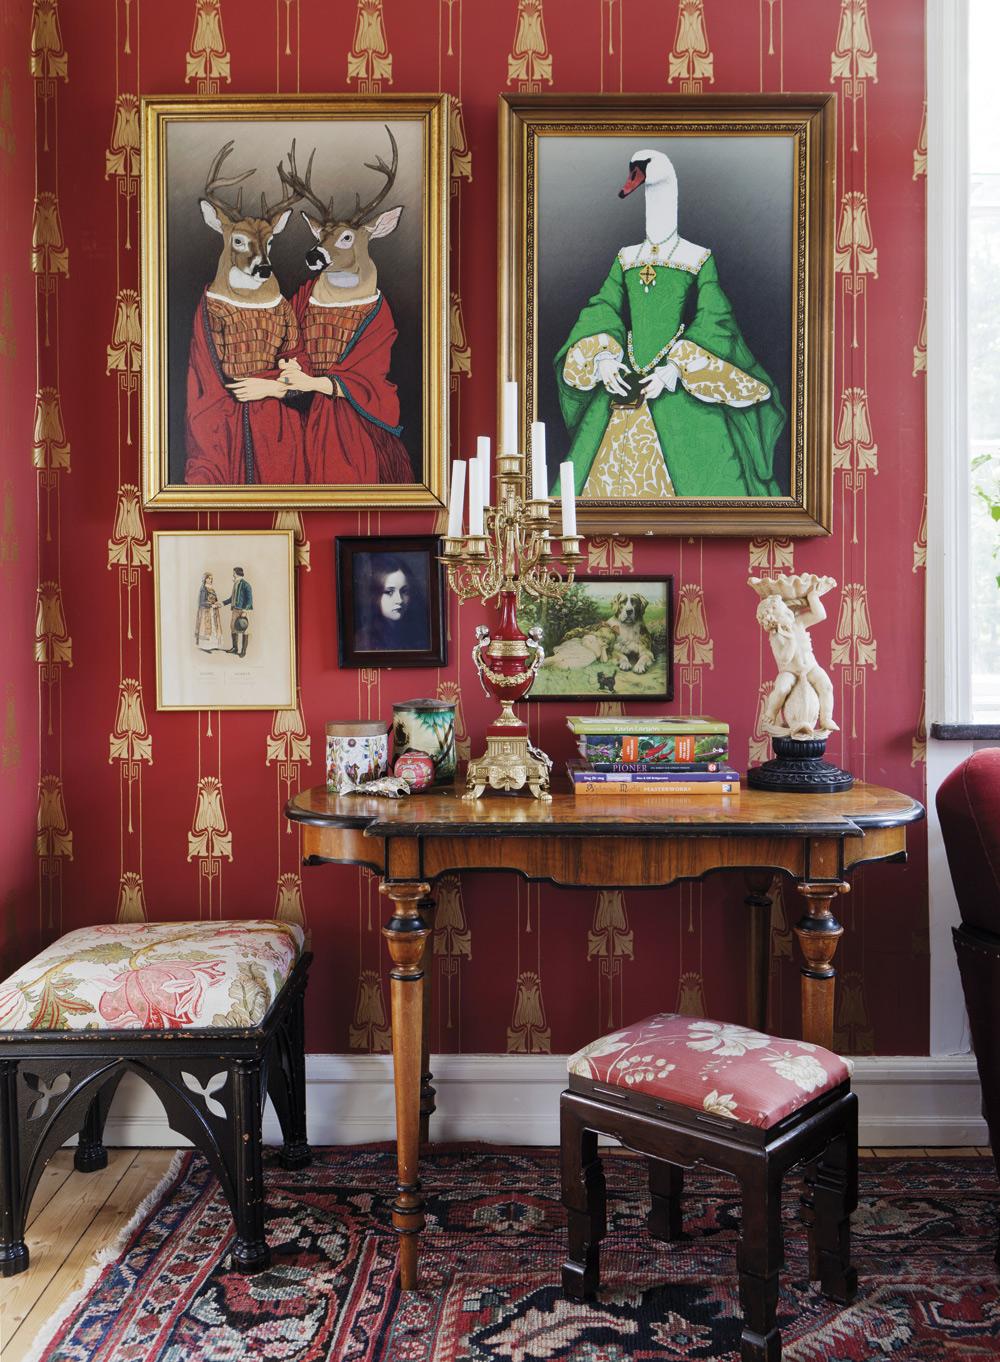 Stora rummet.Tapeten är från Lim & Handtryck. Bordet och pallarna är köpta på auktion. De stora målningarna har Klas gjort i datorn. Kandelabern köpte Sandra hosSvedala auktionshus. Hon fick två stycken för 1 500 kronor.